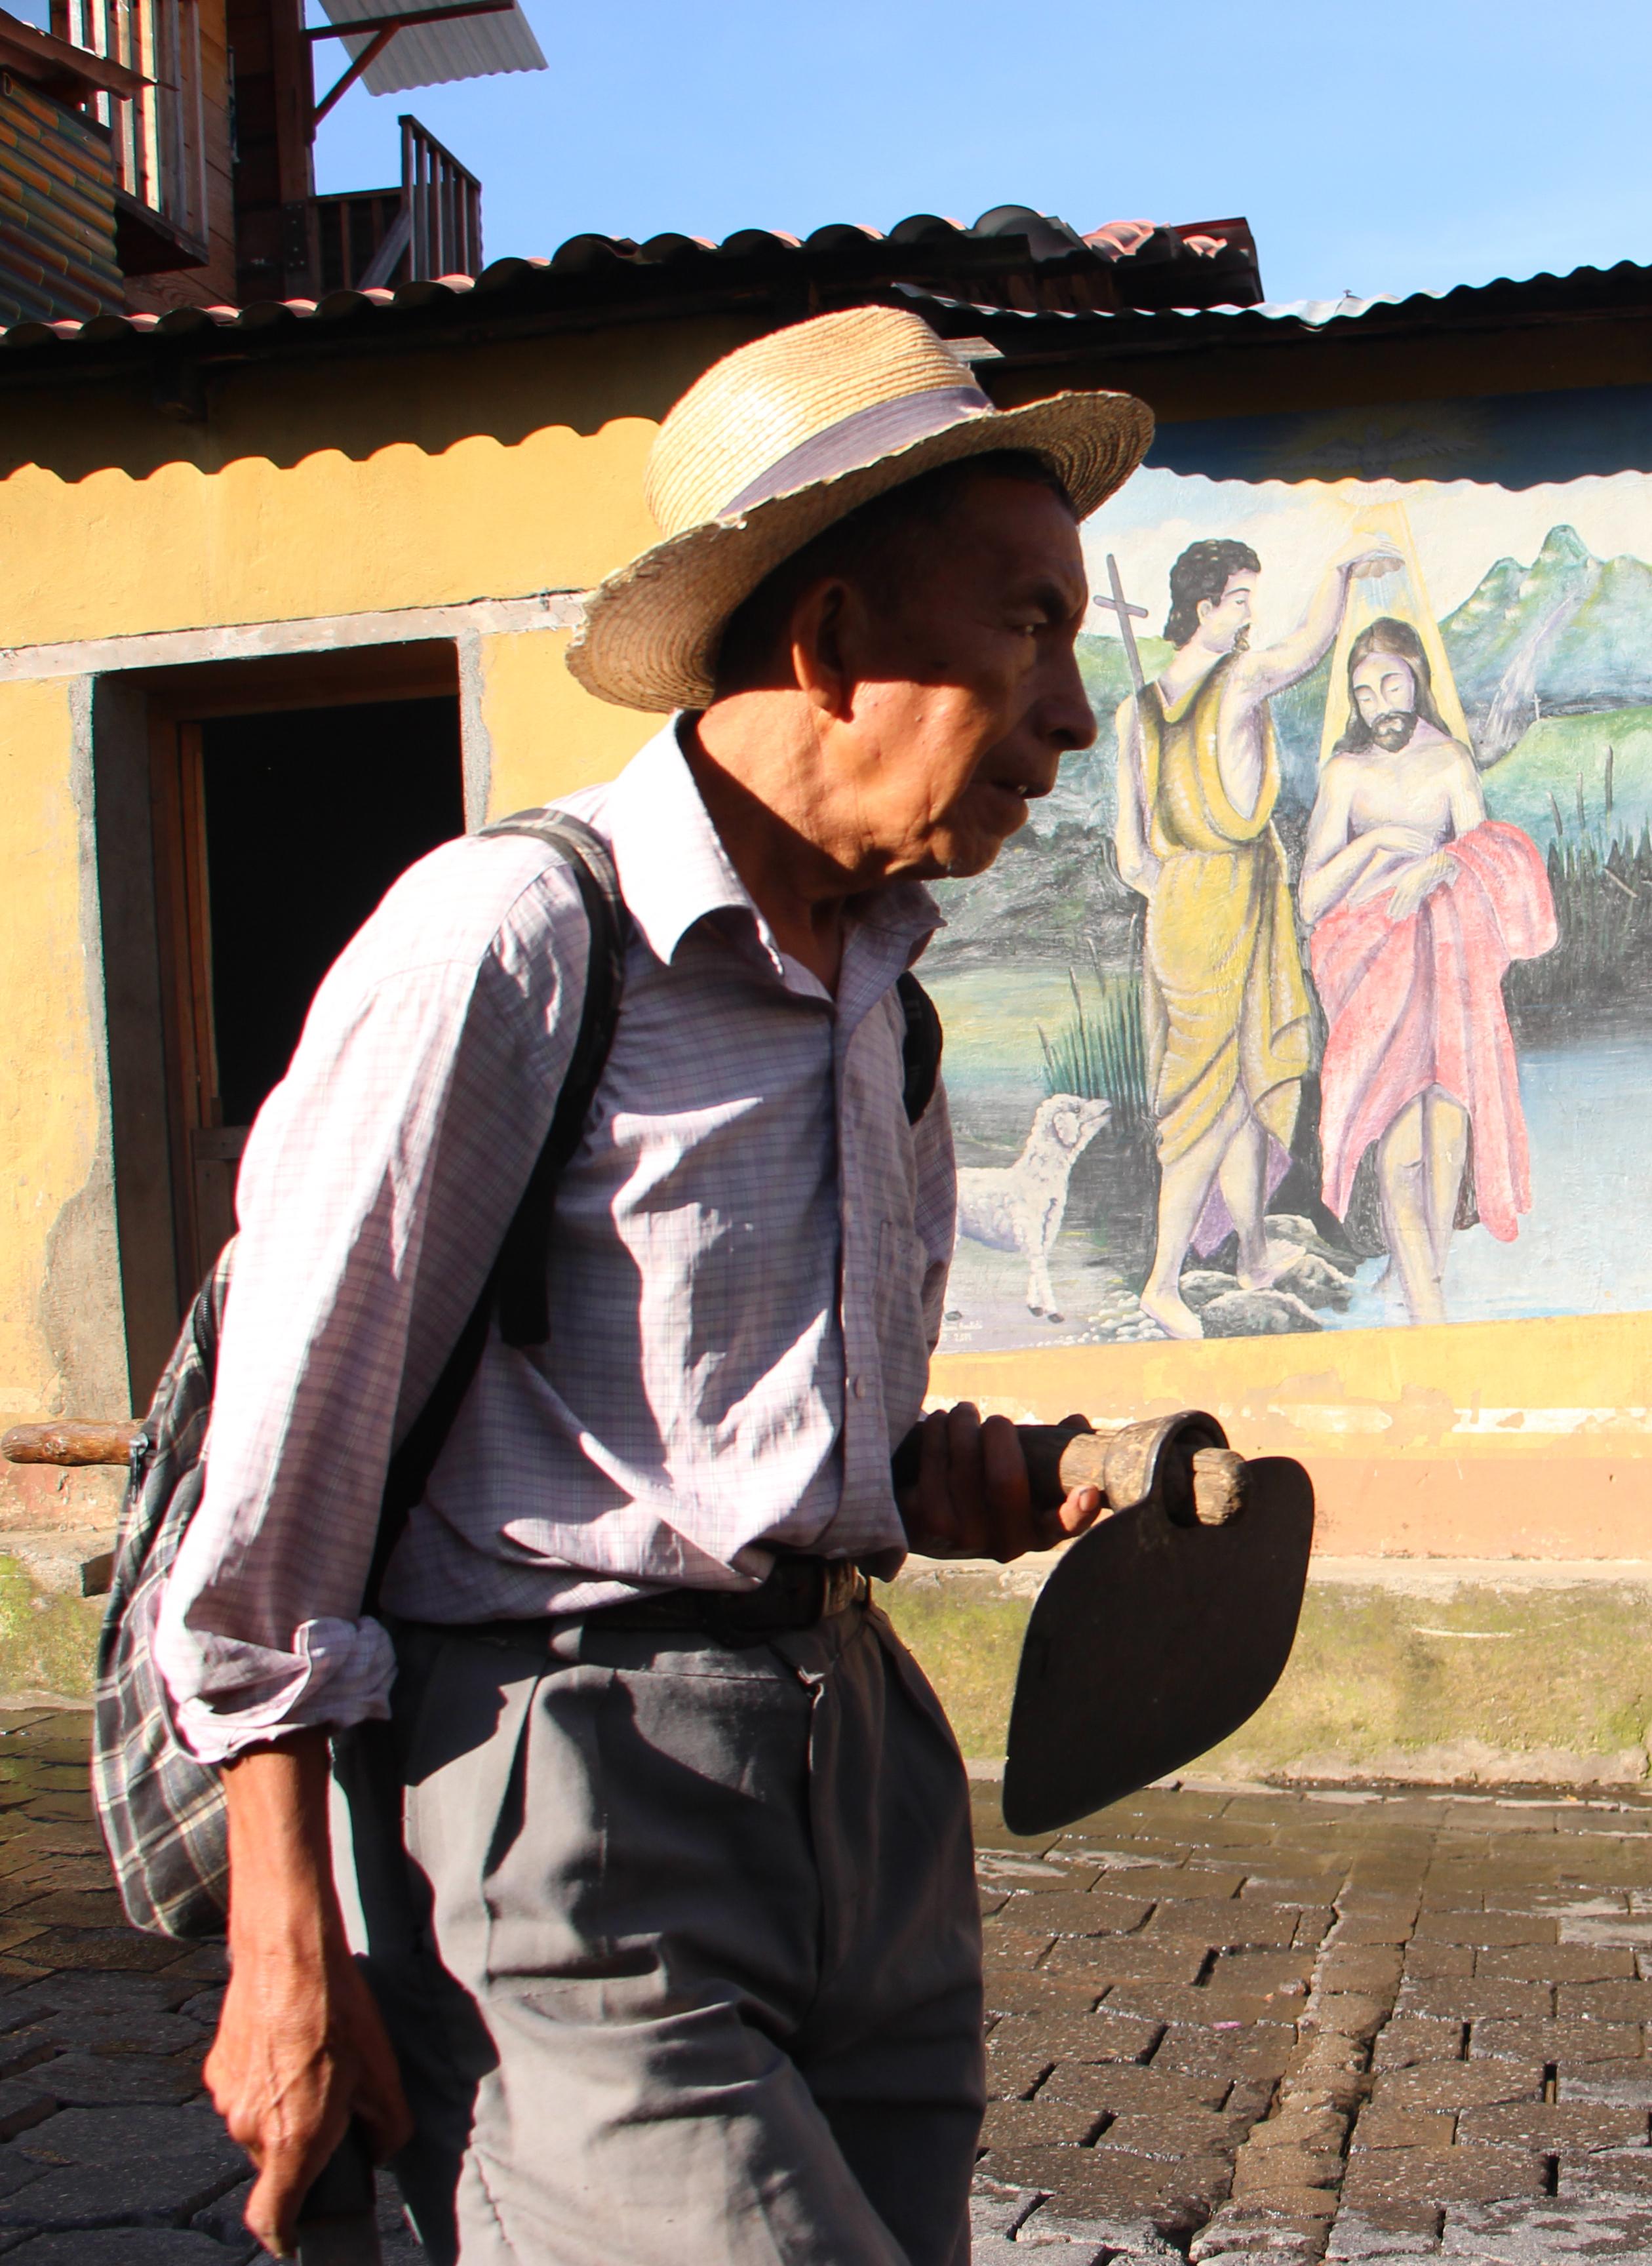 La agricultura es uno de los principales medios de subsistencia de la comunidad.